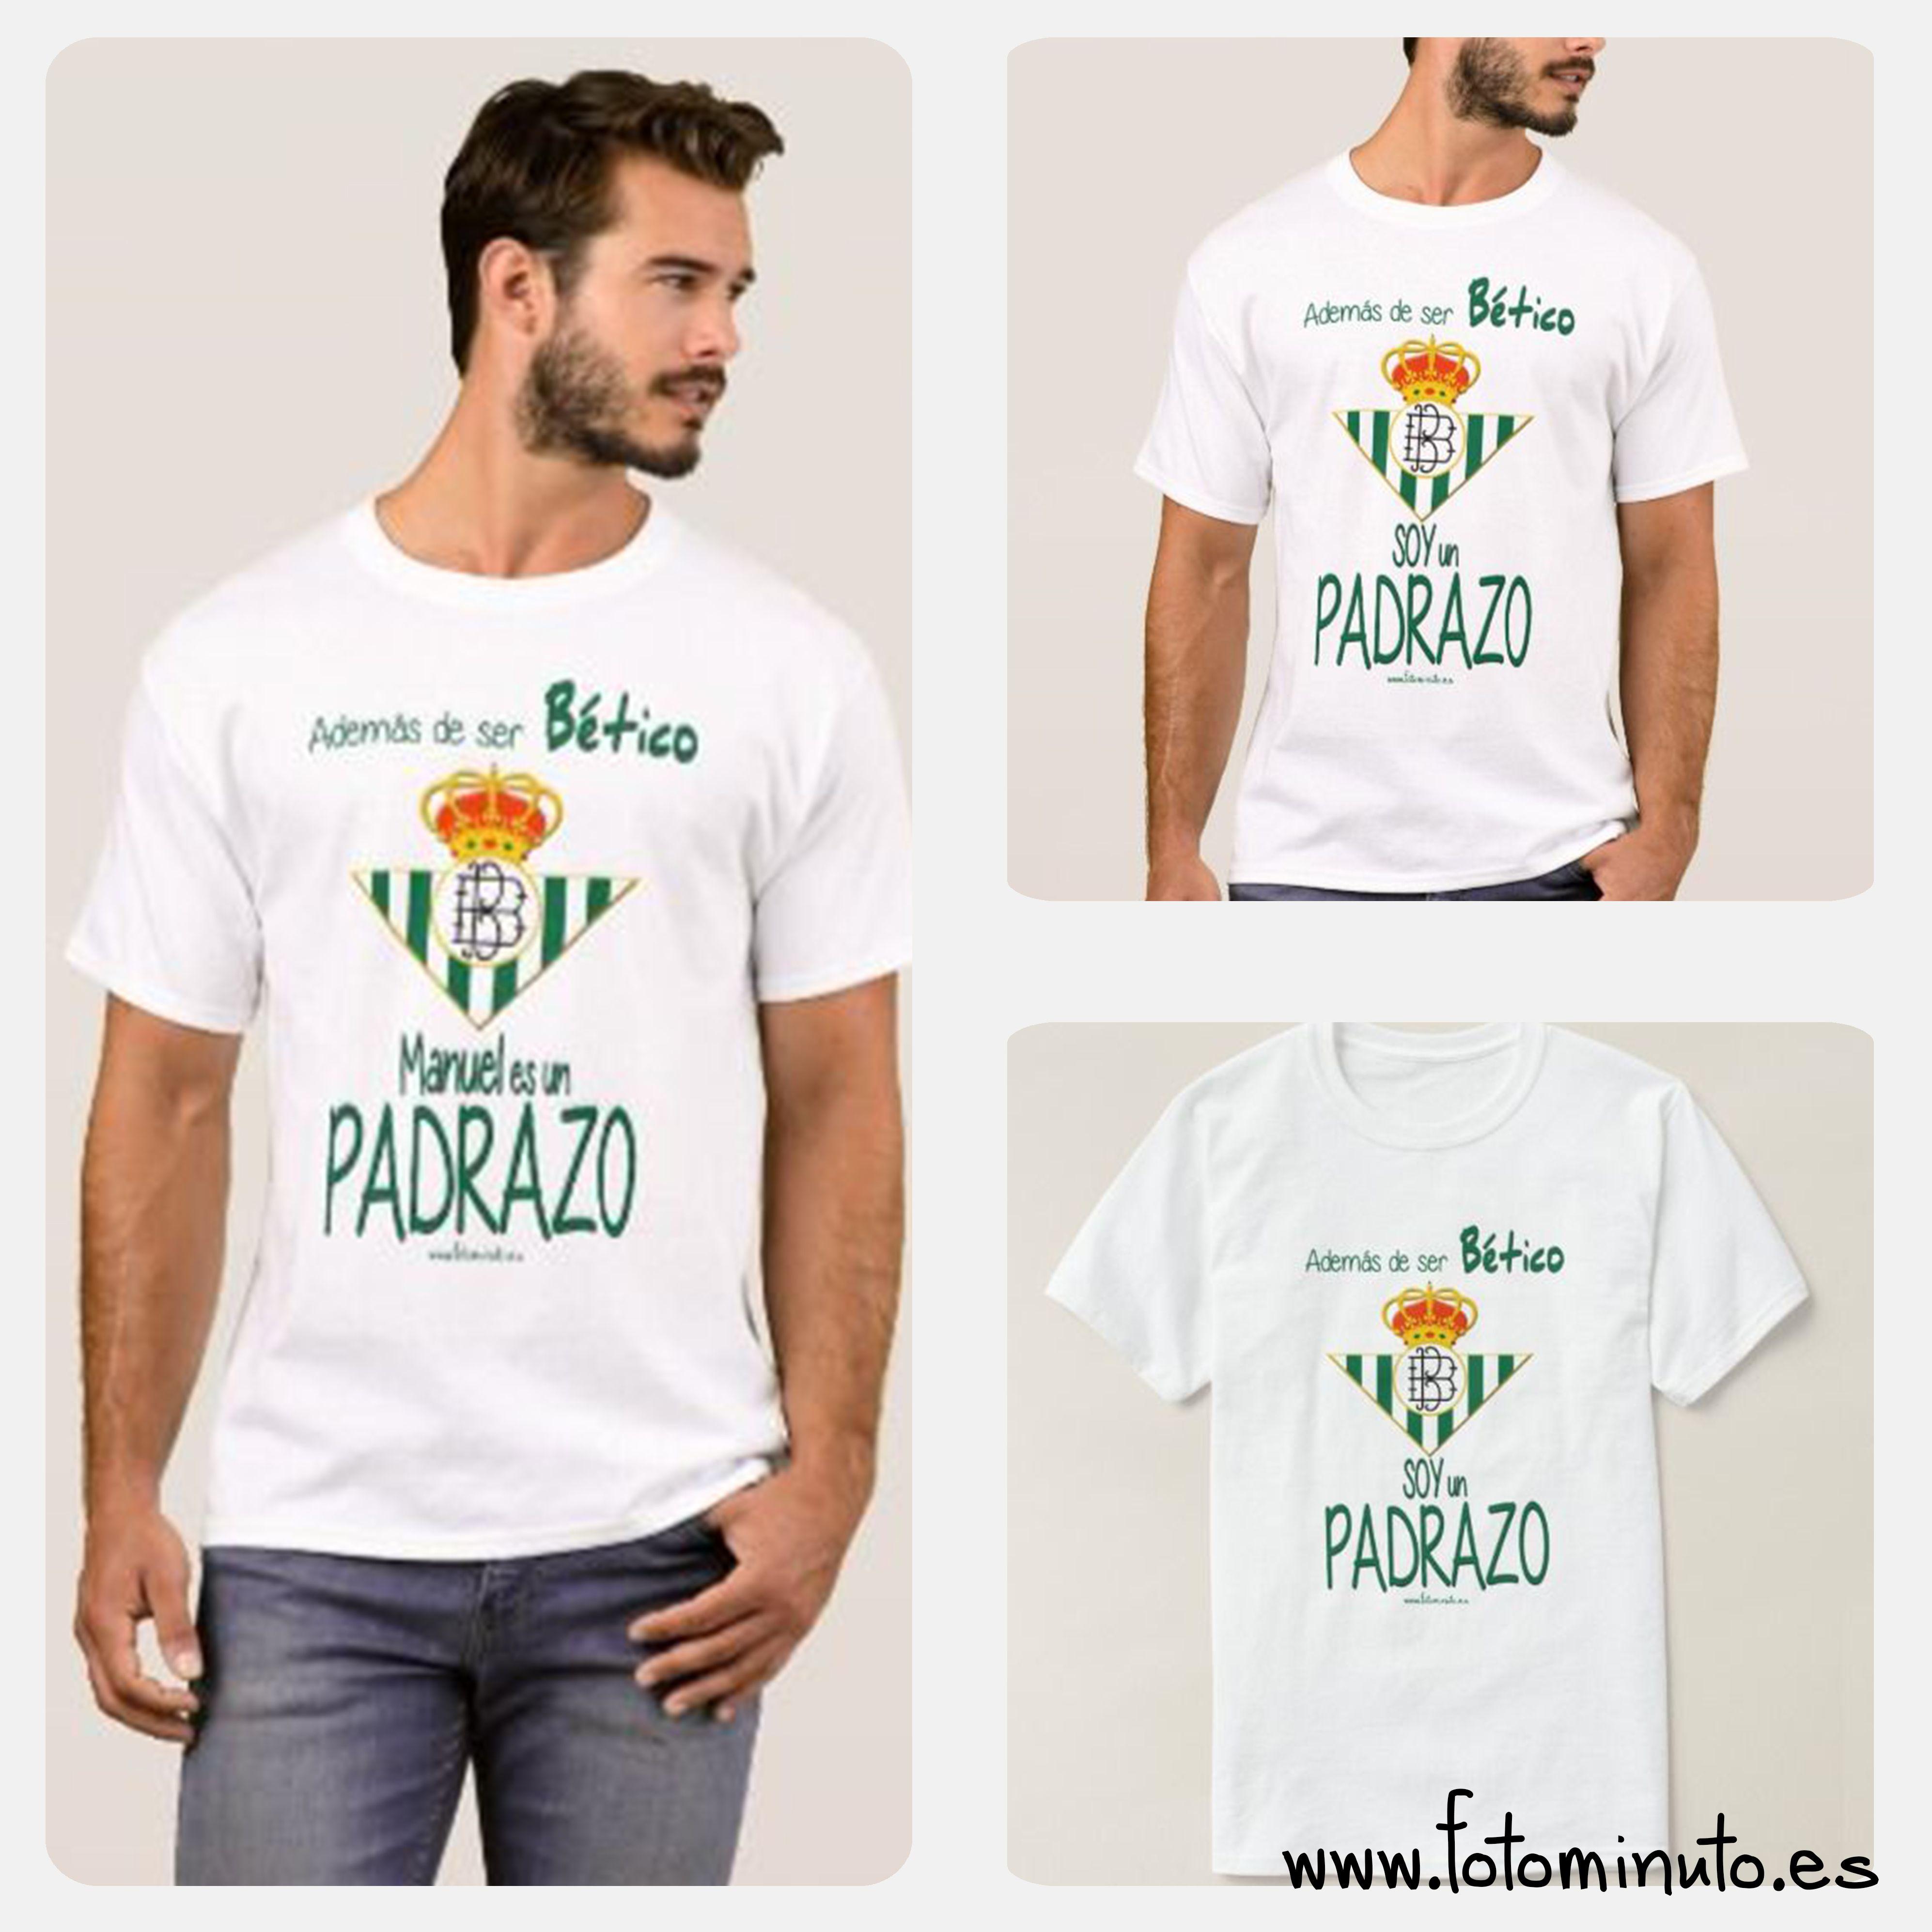 619df7c72 Camisetas Personalizada Real Betis para el Padre | Las Camisetas de ...